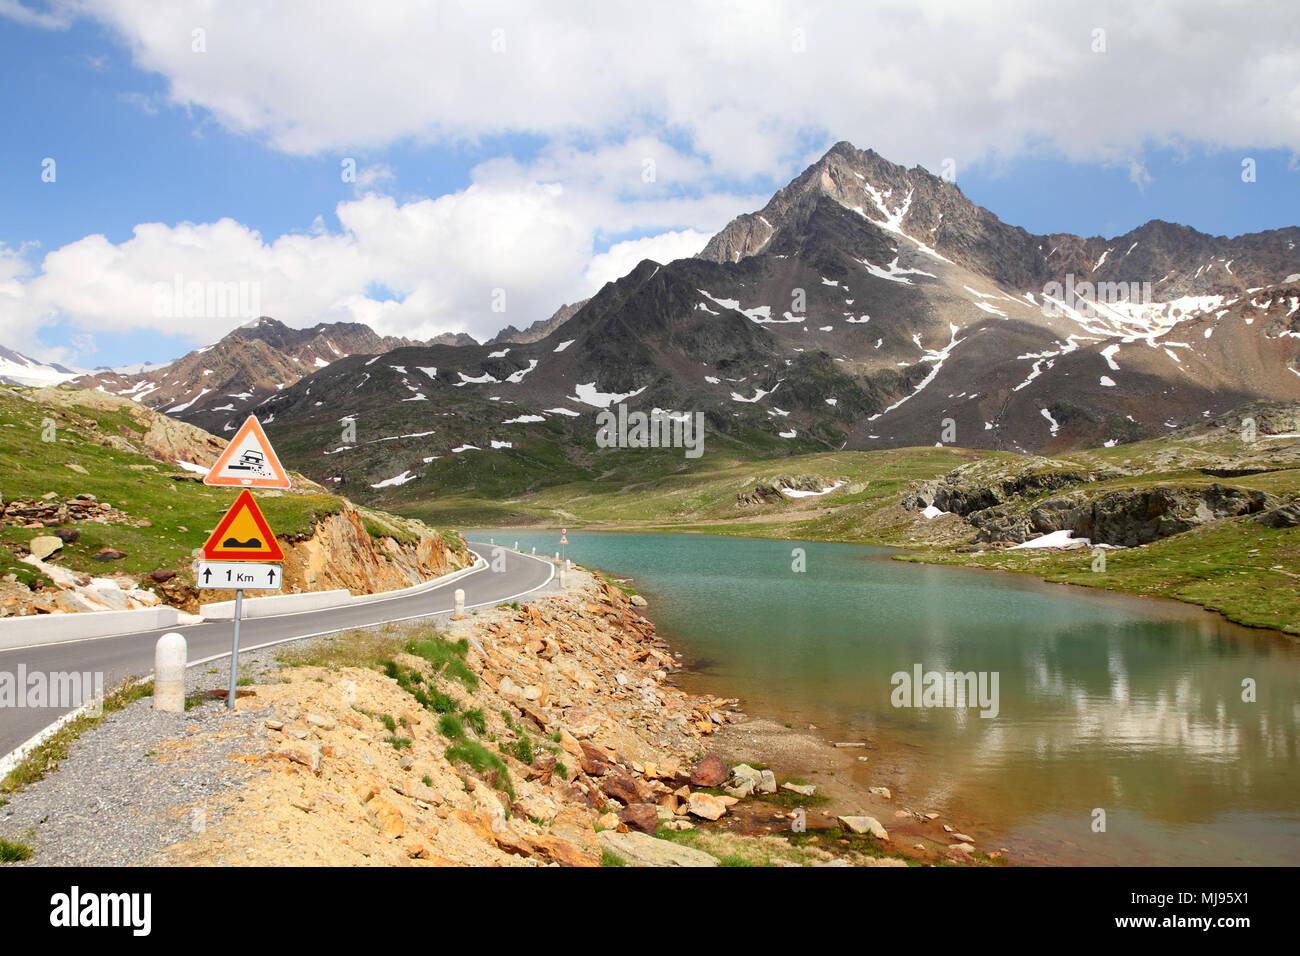 L'Italia. Il lago al Passo Gavia nel Parco Nazionale dello Stelvio. Ortles Alpi. Sullo sfondo: Corno dei Tre Signori picco, 3360m alta. Foto Stock